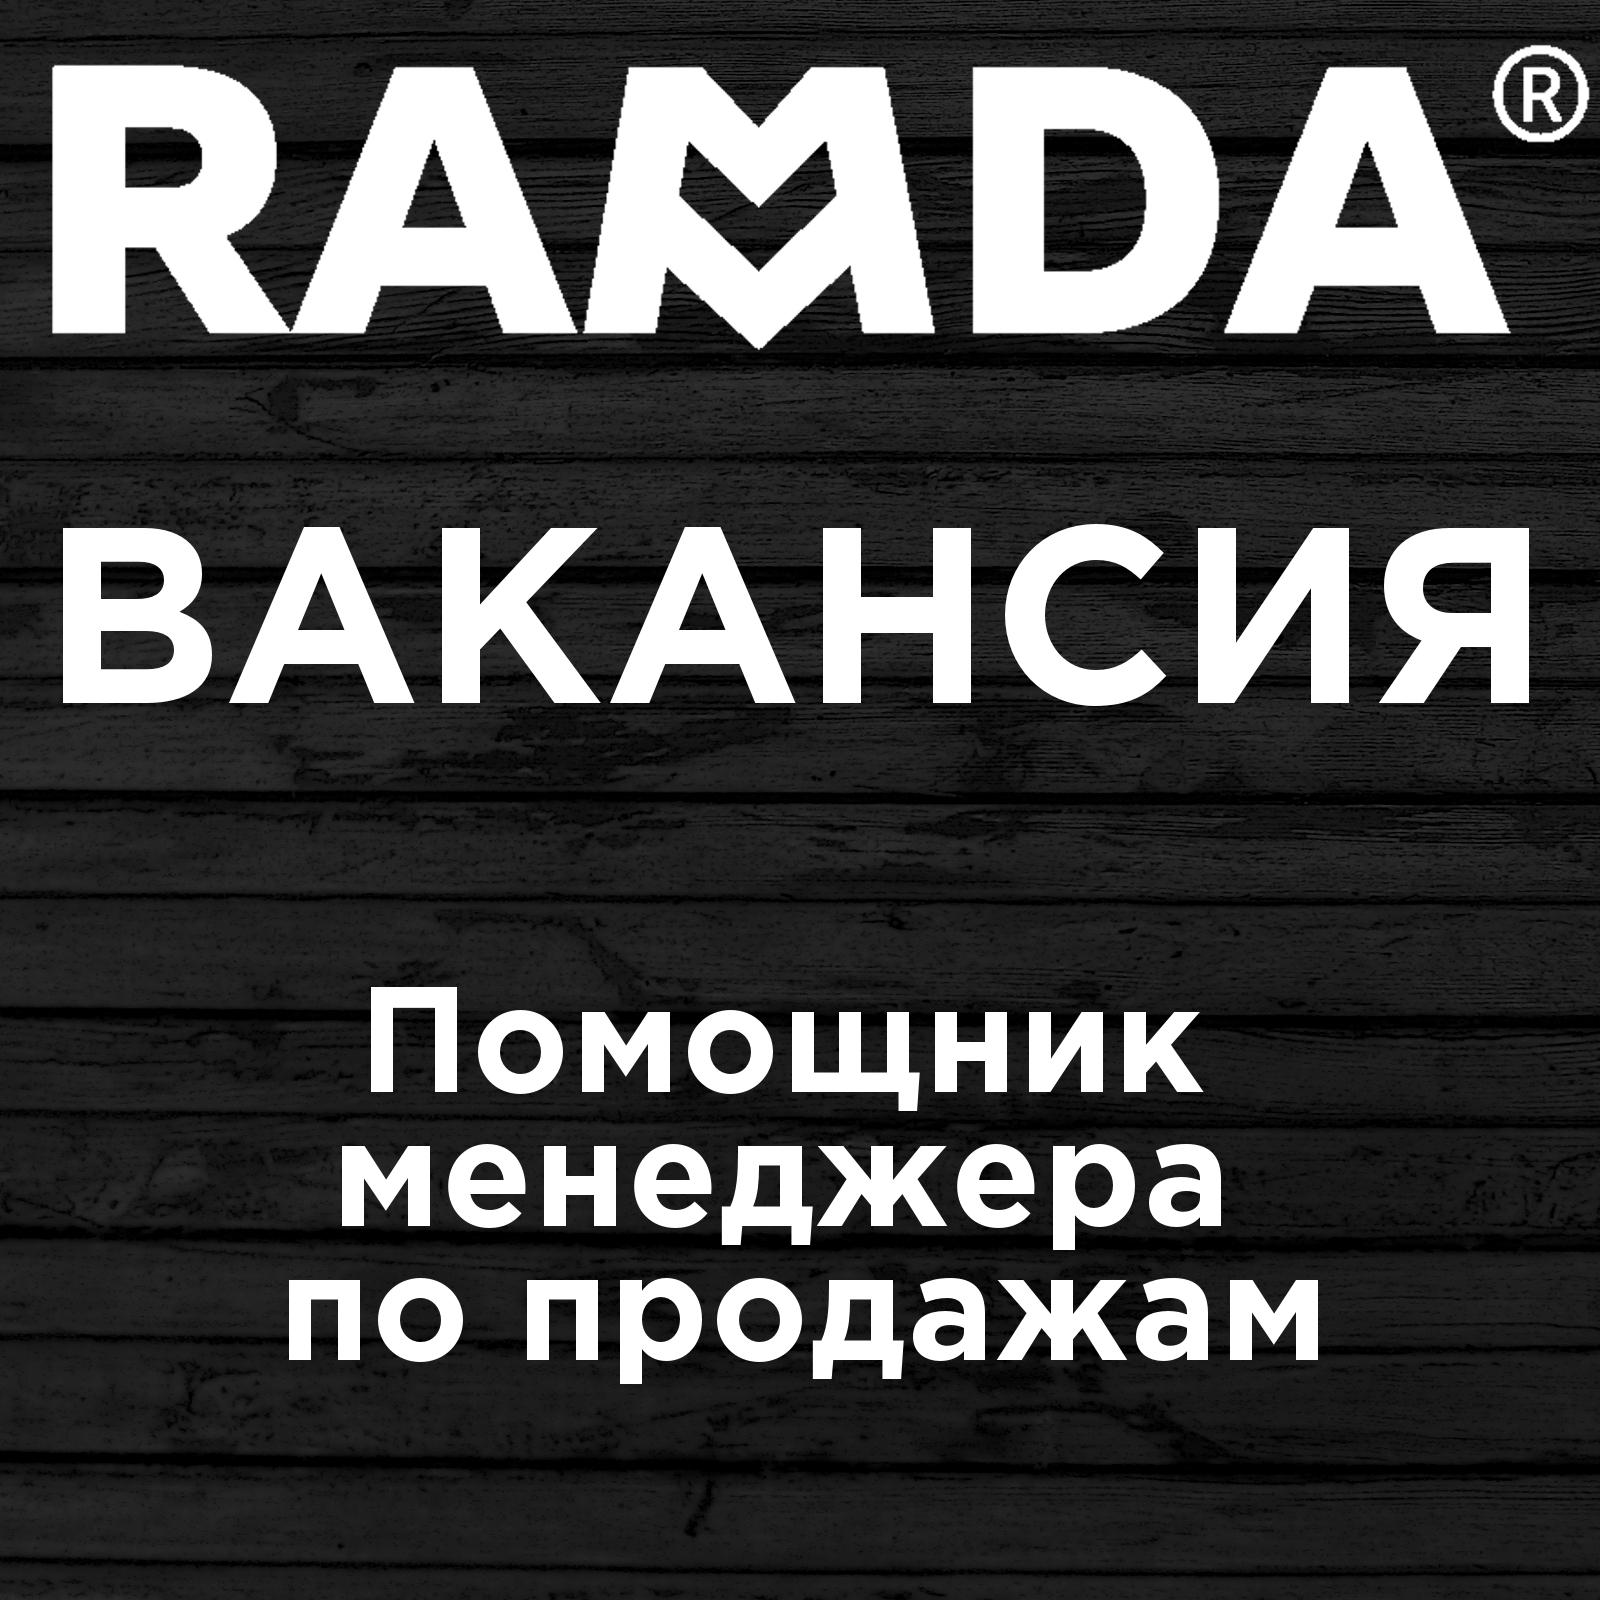 Вакансия помощник менеджера по продажам в Новосибирске от RAMDA